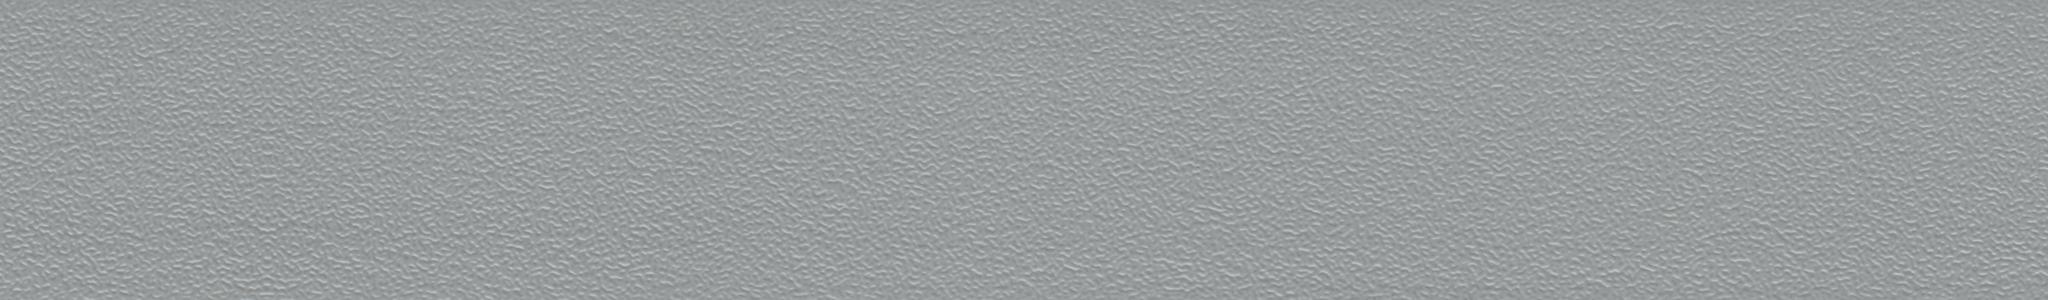 HU 17171 ABS hrana šedá perla 101